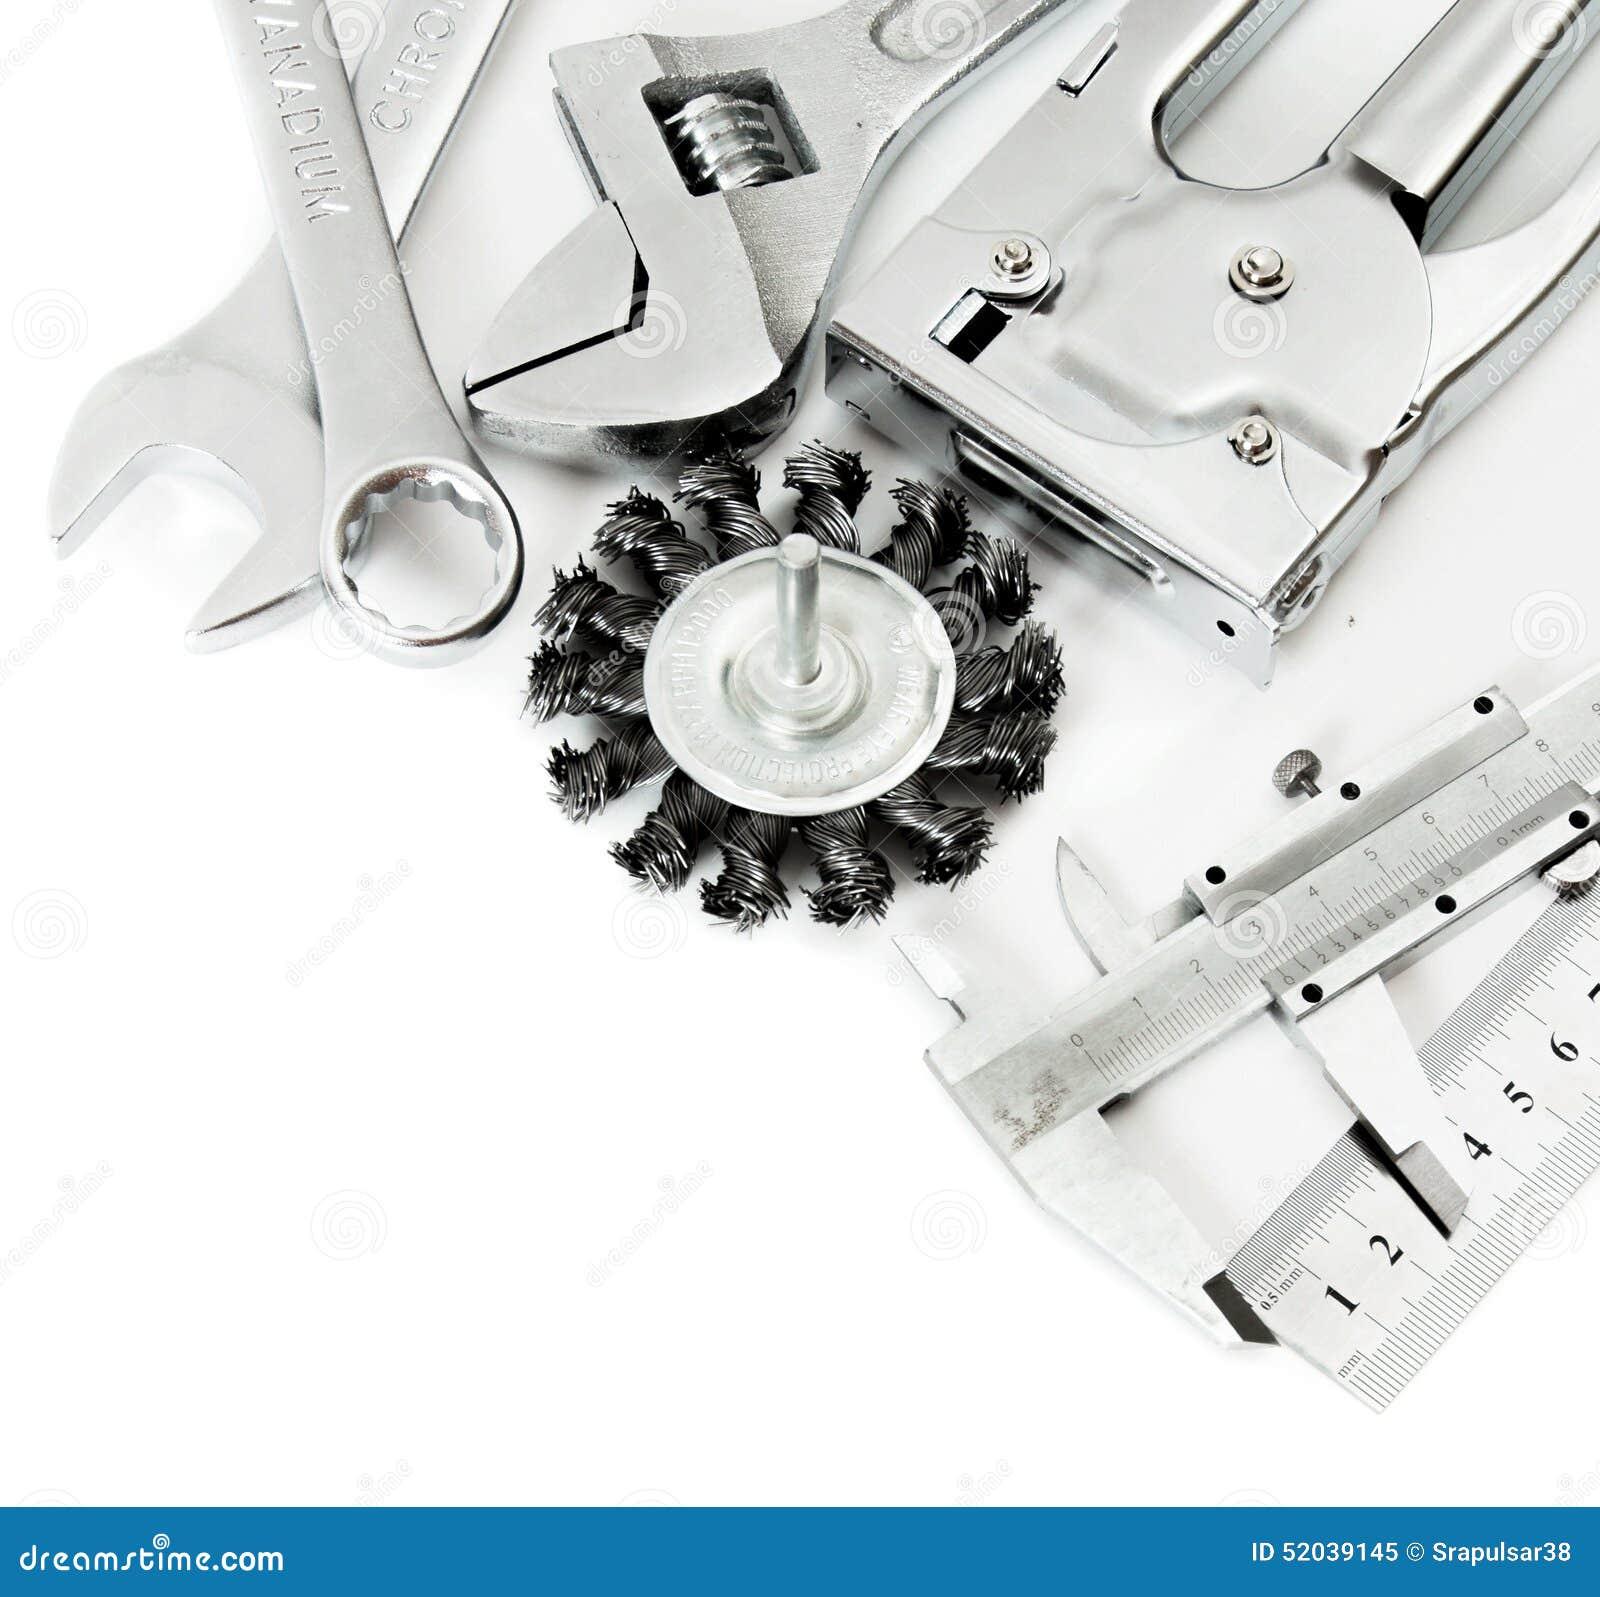 Metalwork Правитель, крумциркуль и другие инструменты дальше